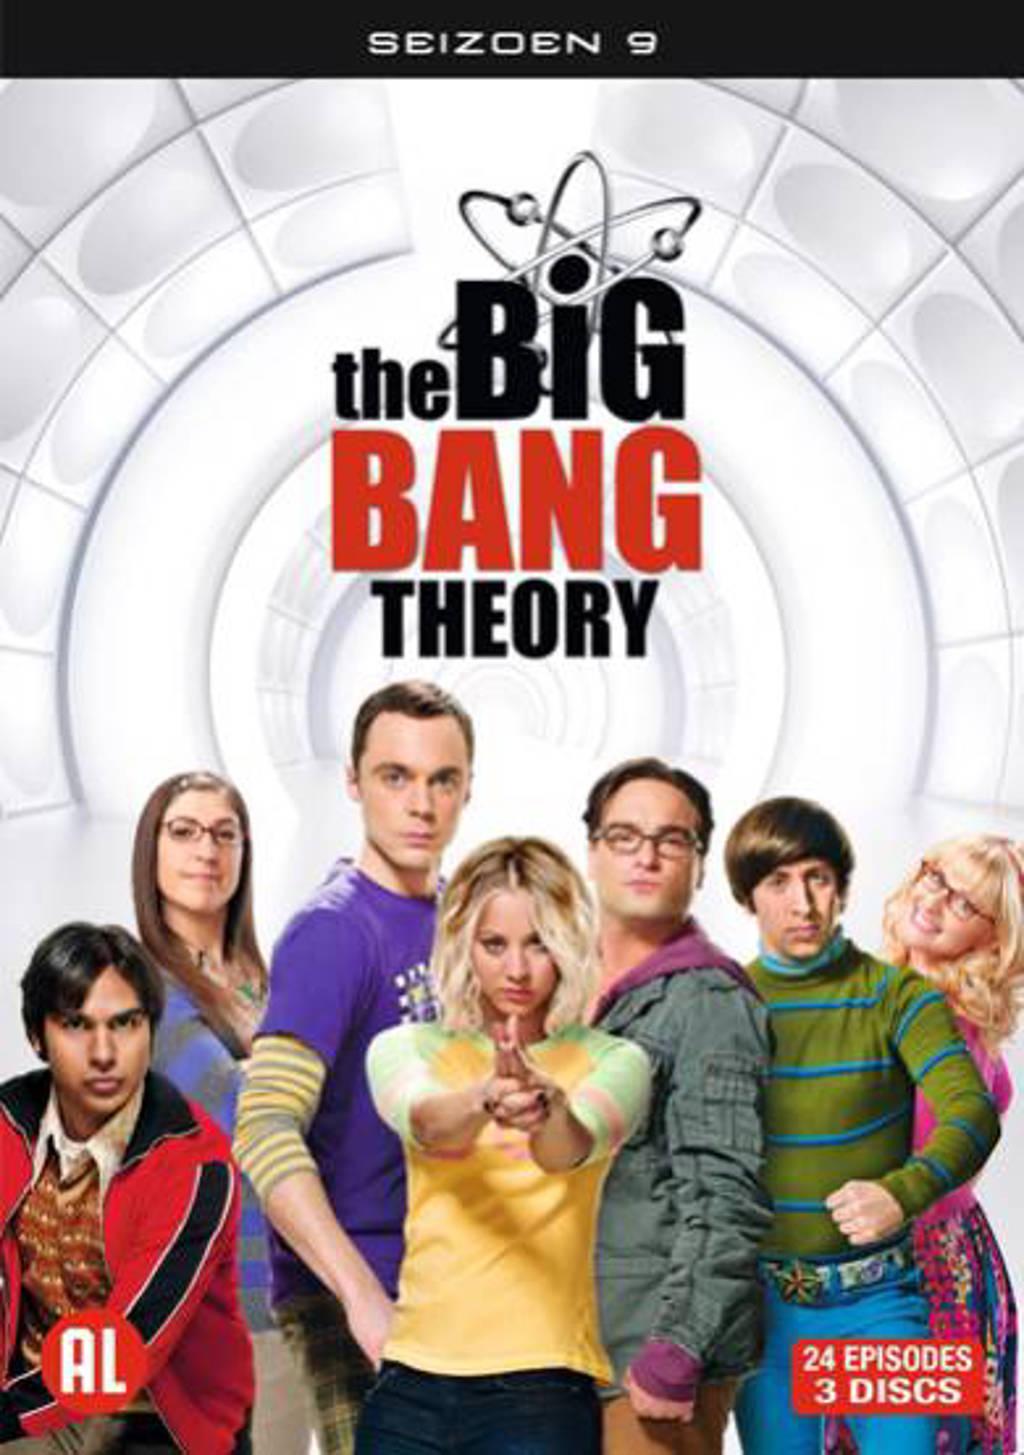 Big Bang Theory Seizoen 9 Dvd Wehkamp